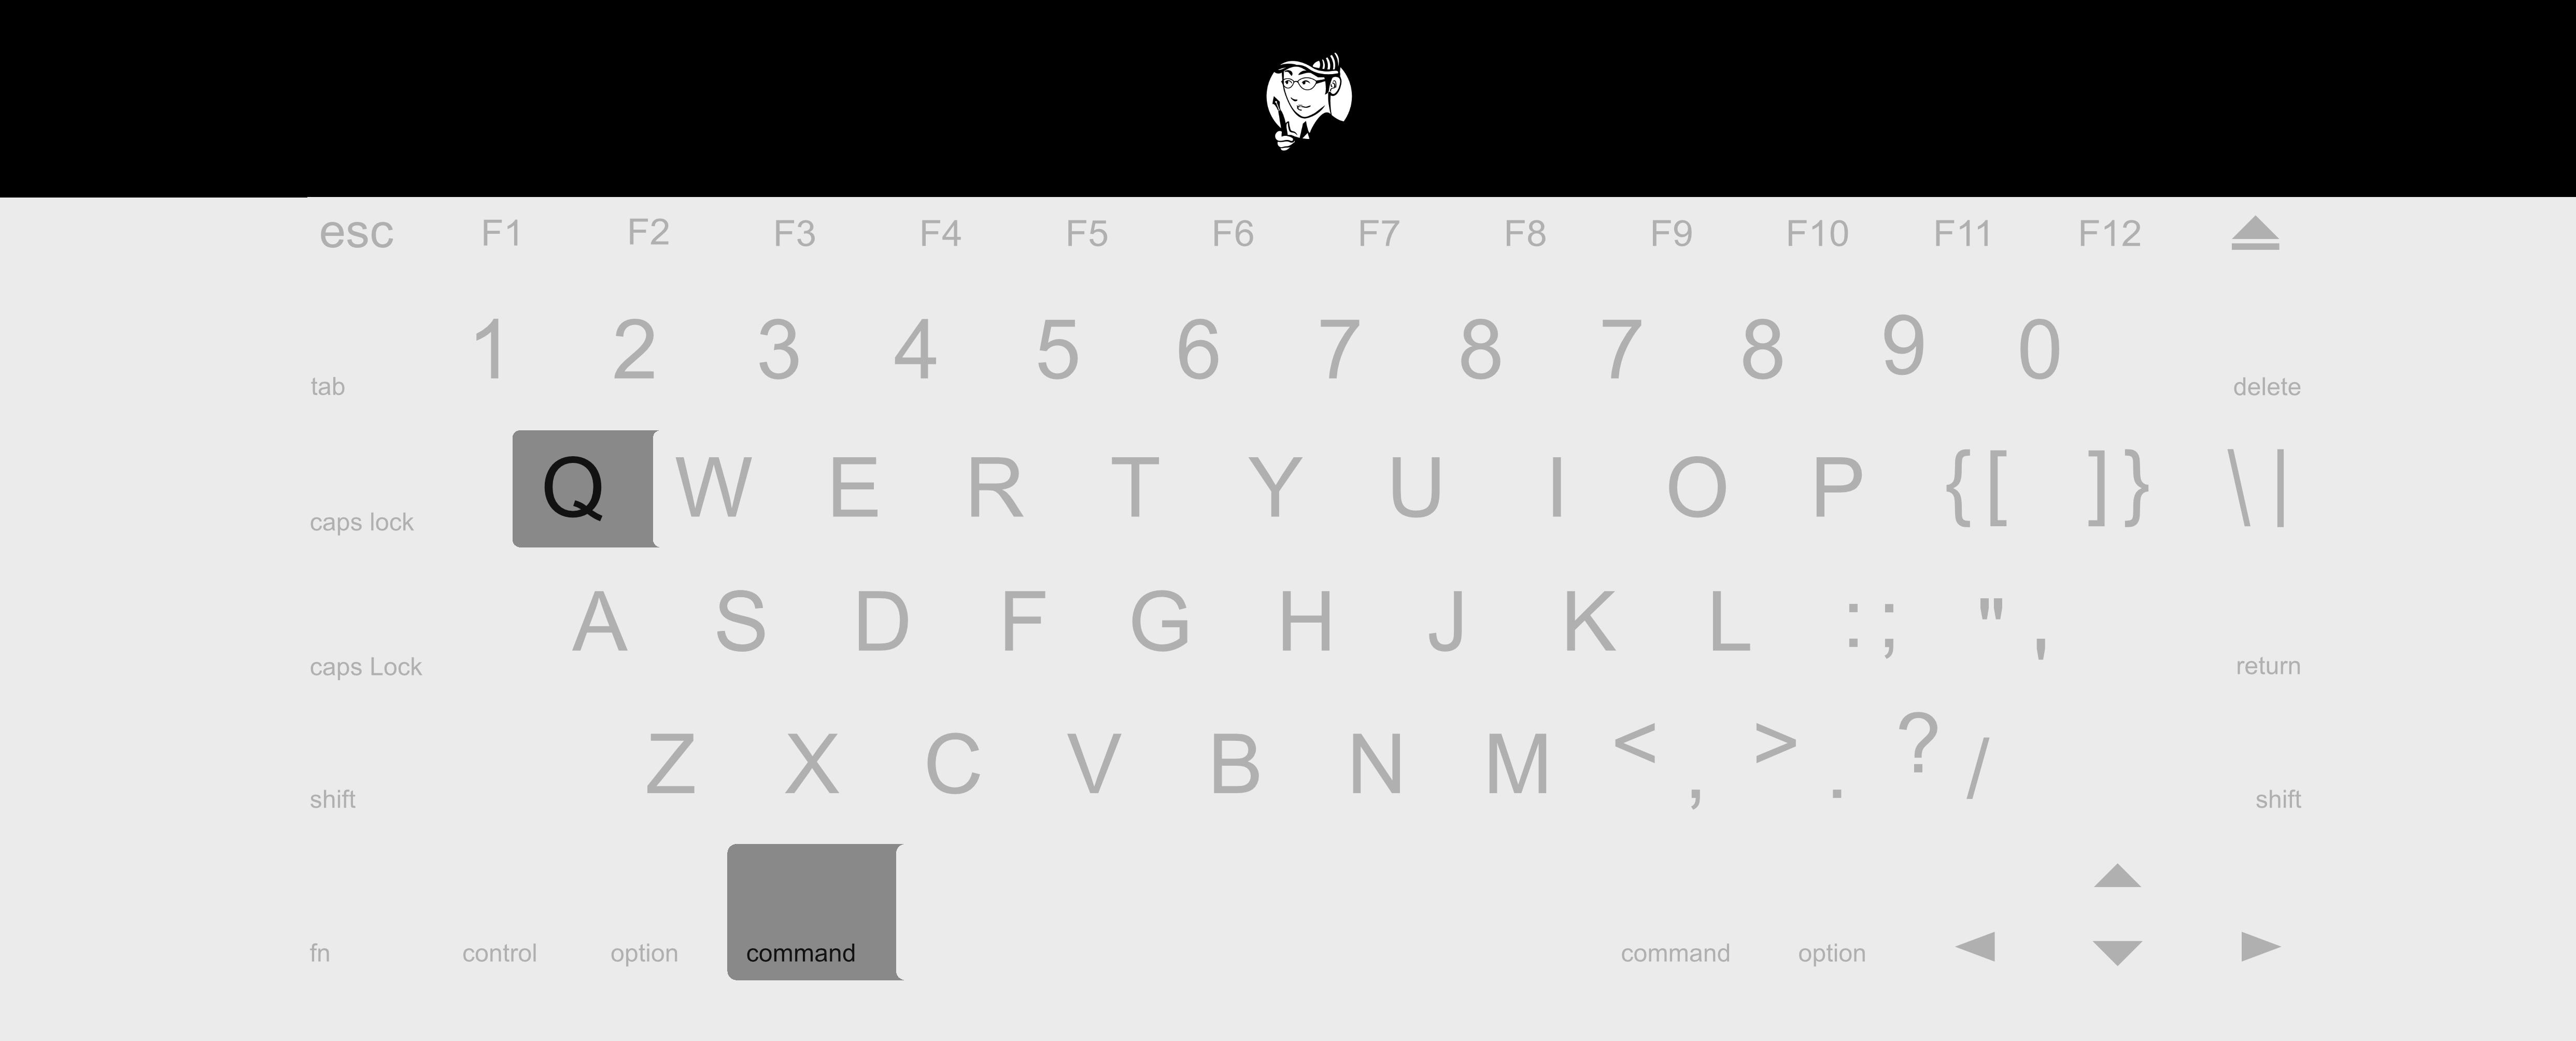 按住鍵盤上的 Command +Q 即可關閉視窗